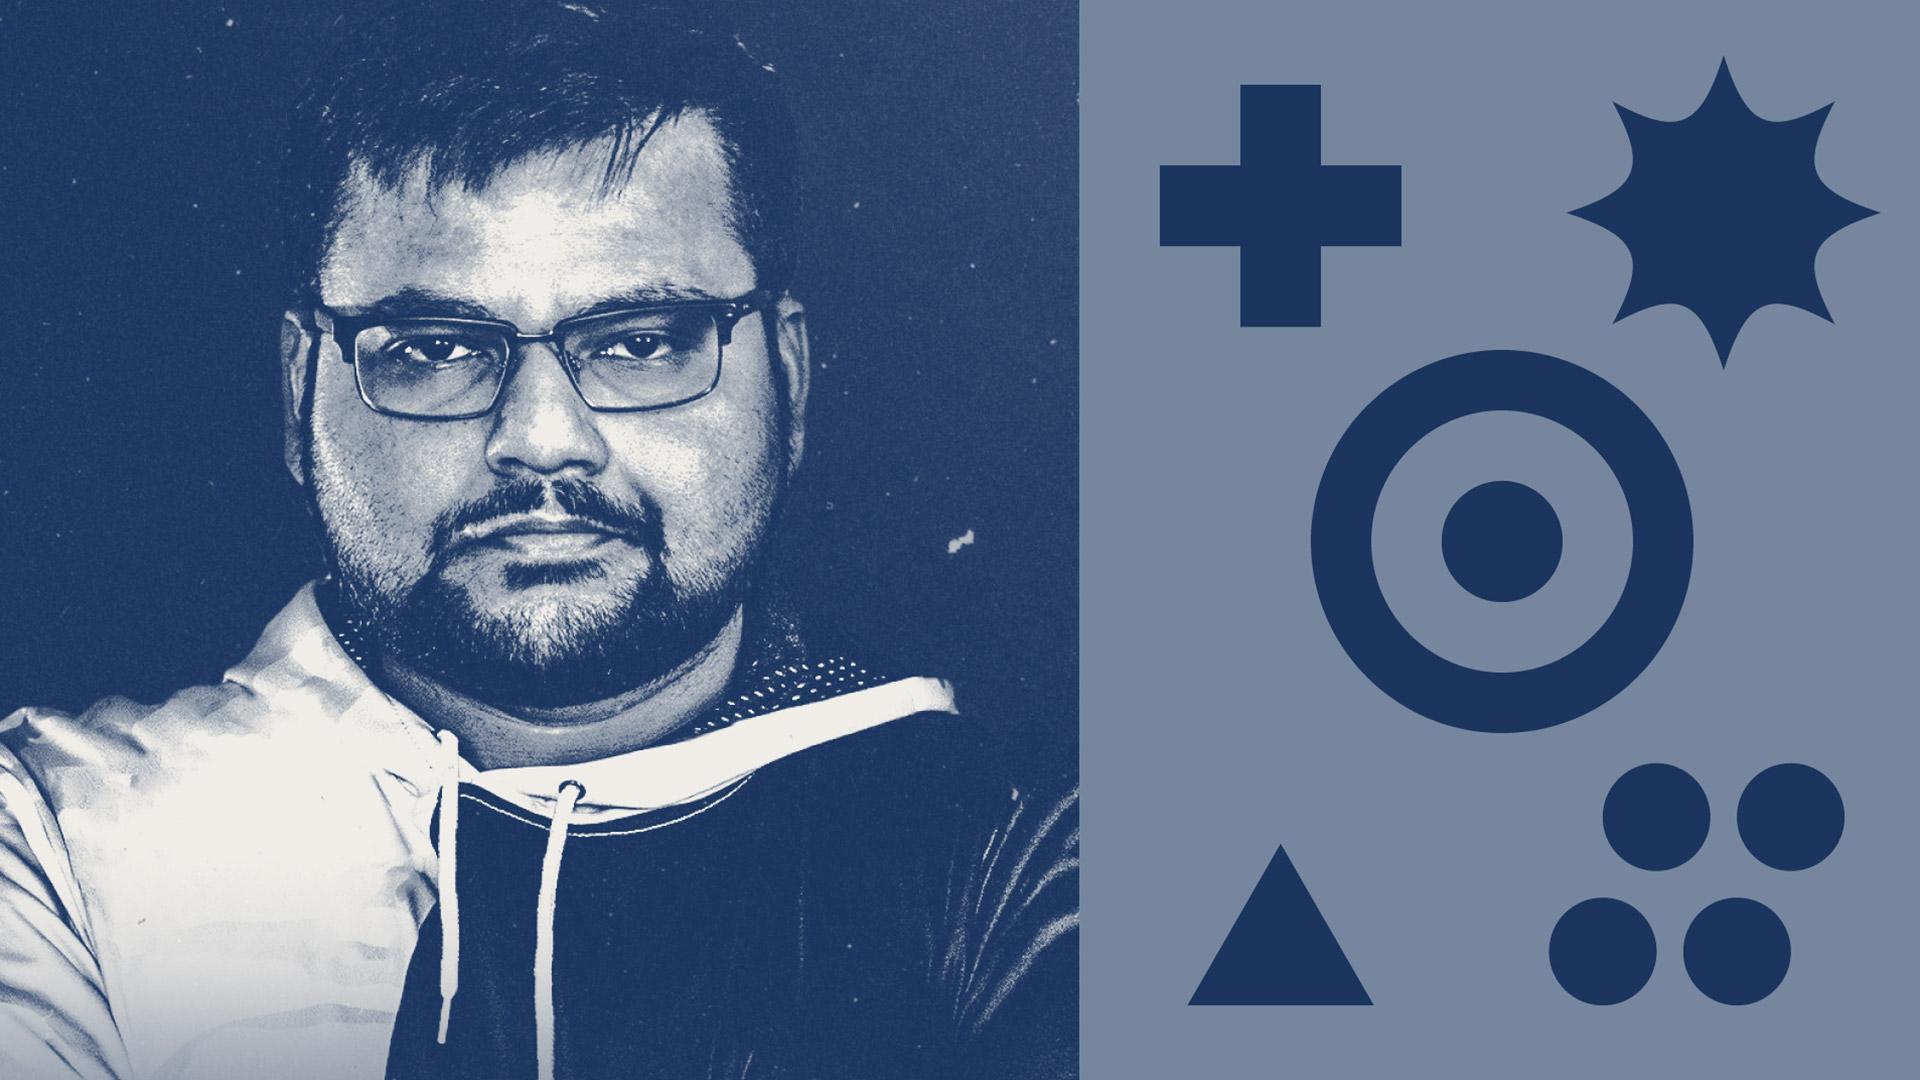 Meet data science whiz Soham Chowdhury